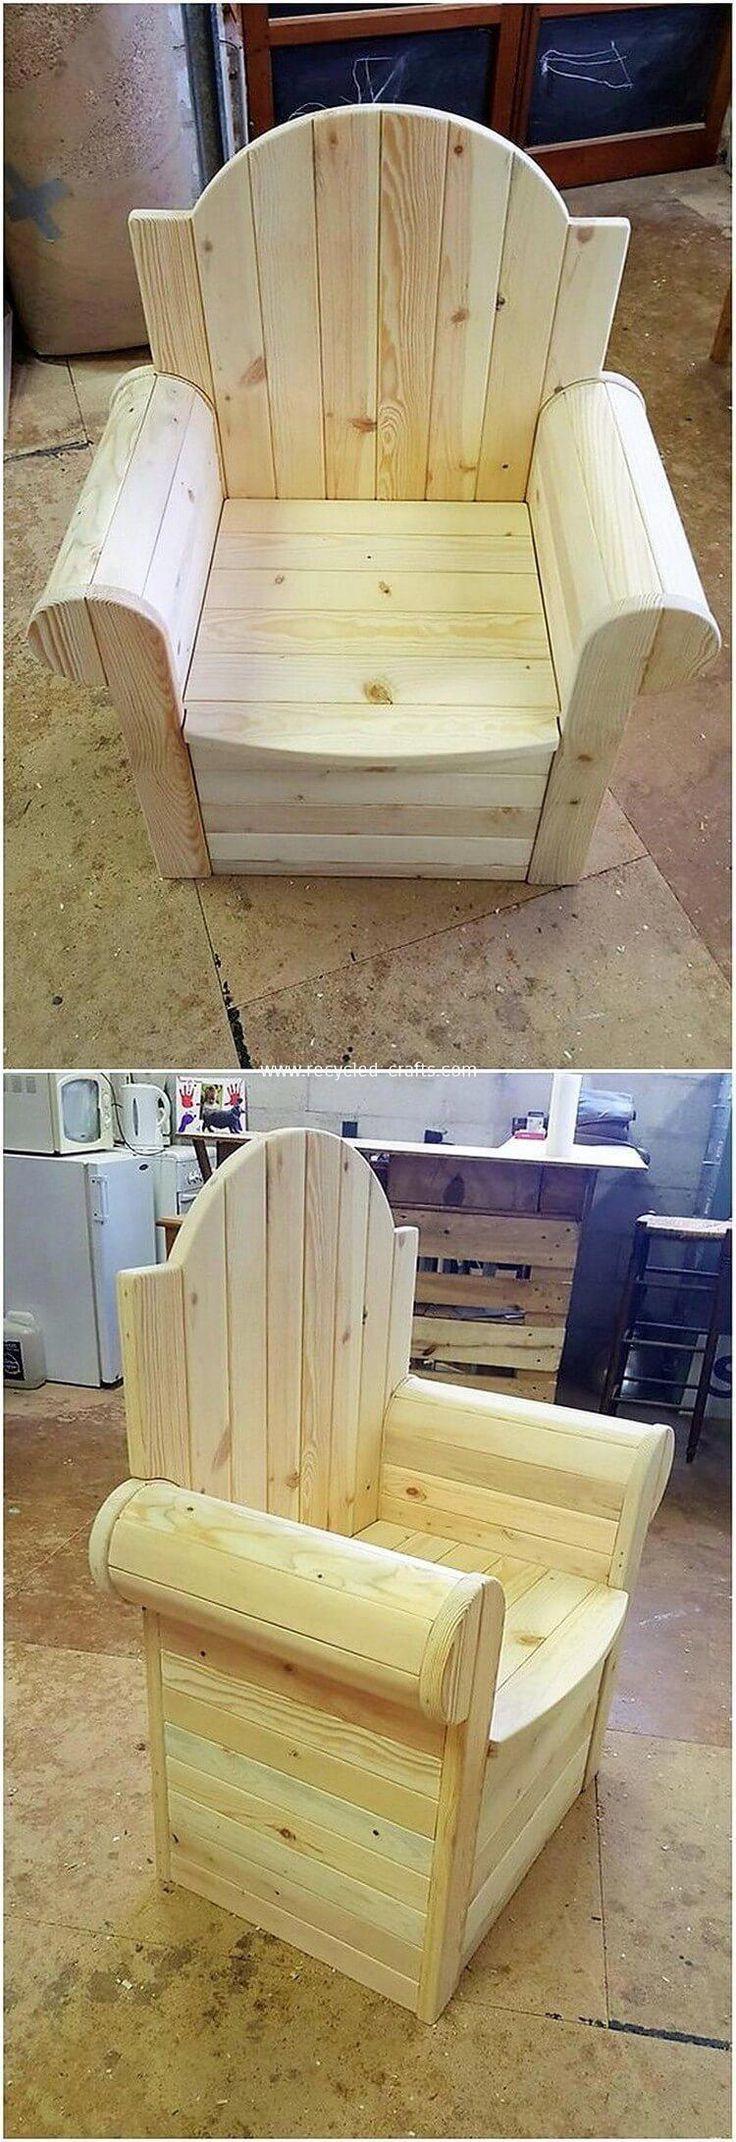 Anfänger und Experten sollten diese Seite mit einem Lesezeichen für kostenlose Holzbearbeitungsprojekte versehen …